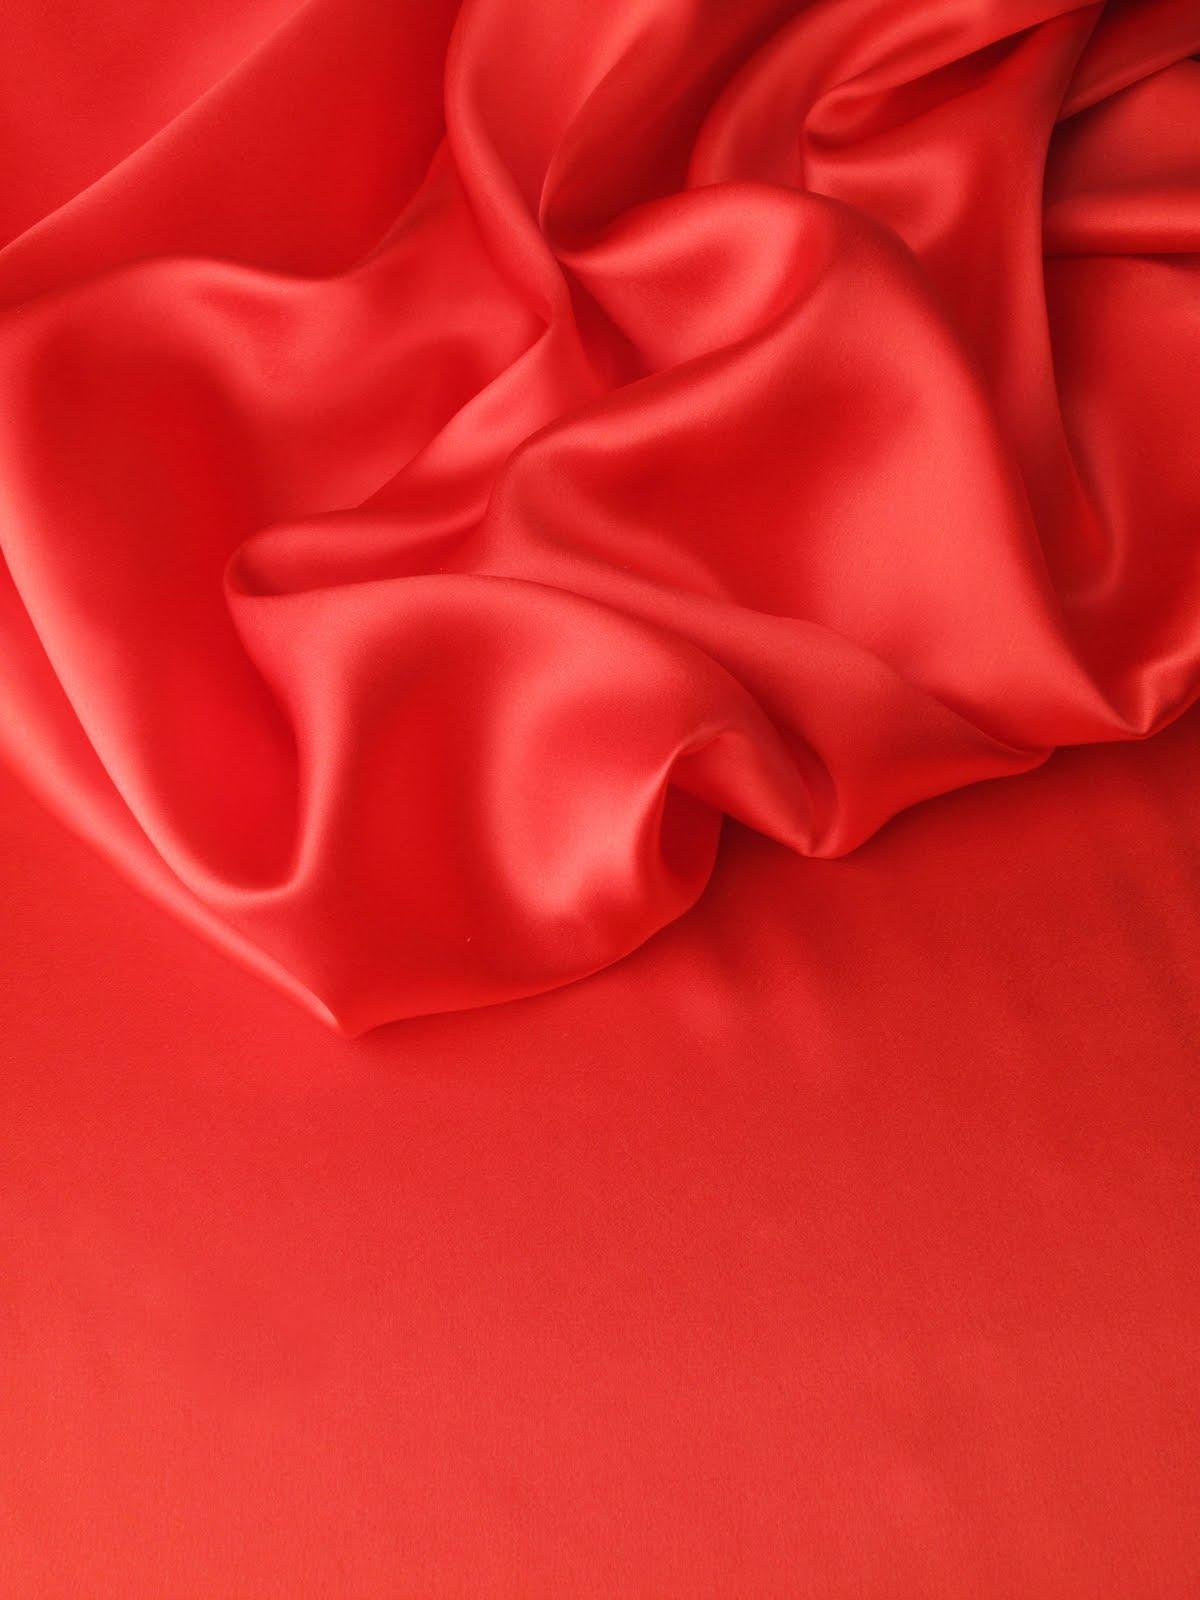 les nouveaut s au jour le jour chez stragier cr pe satin en soie vermillion. Black Bedroom Furniture Sets. Home Design Ideas